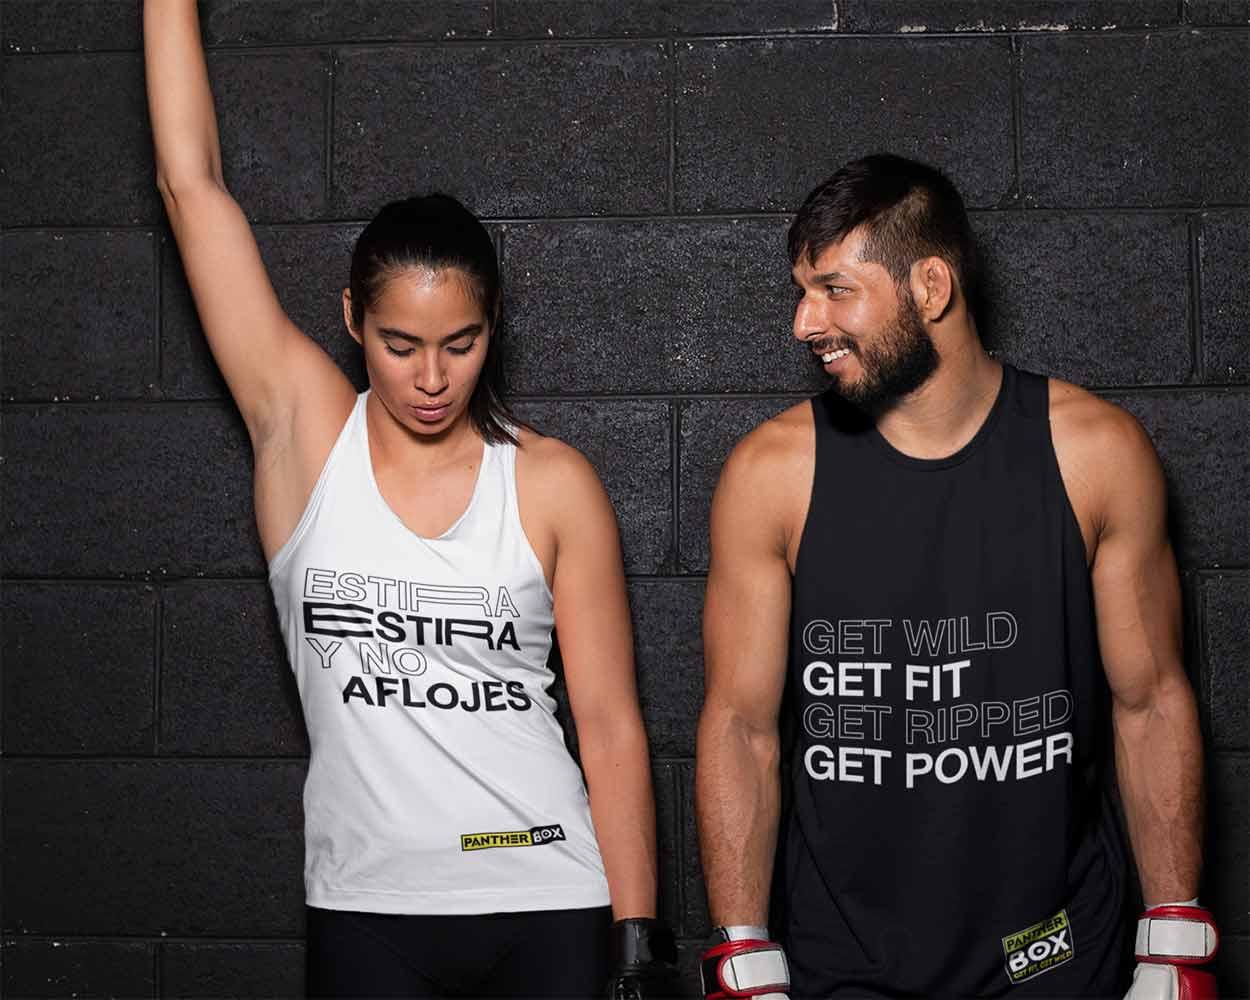 Dos jóvenes se paran contra la pared del gimnasio con diseños de ropa deportiva en blanco y negro.